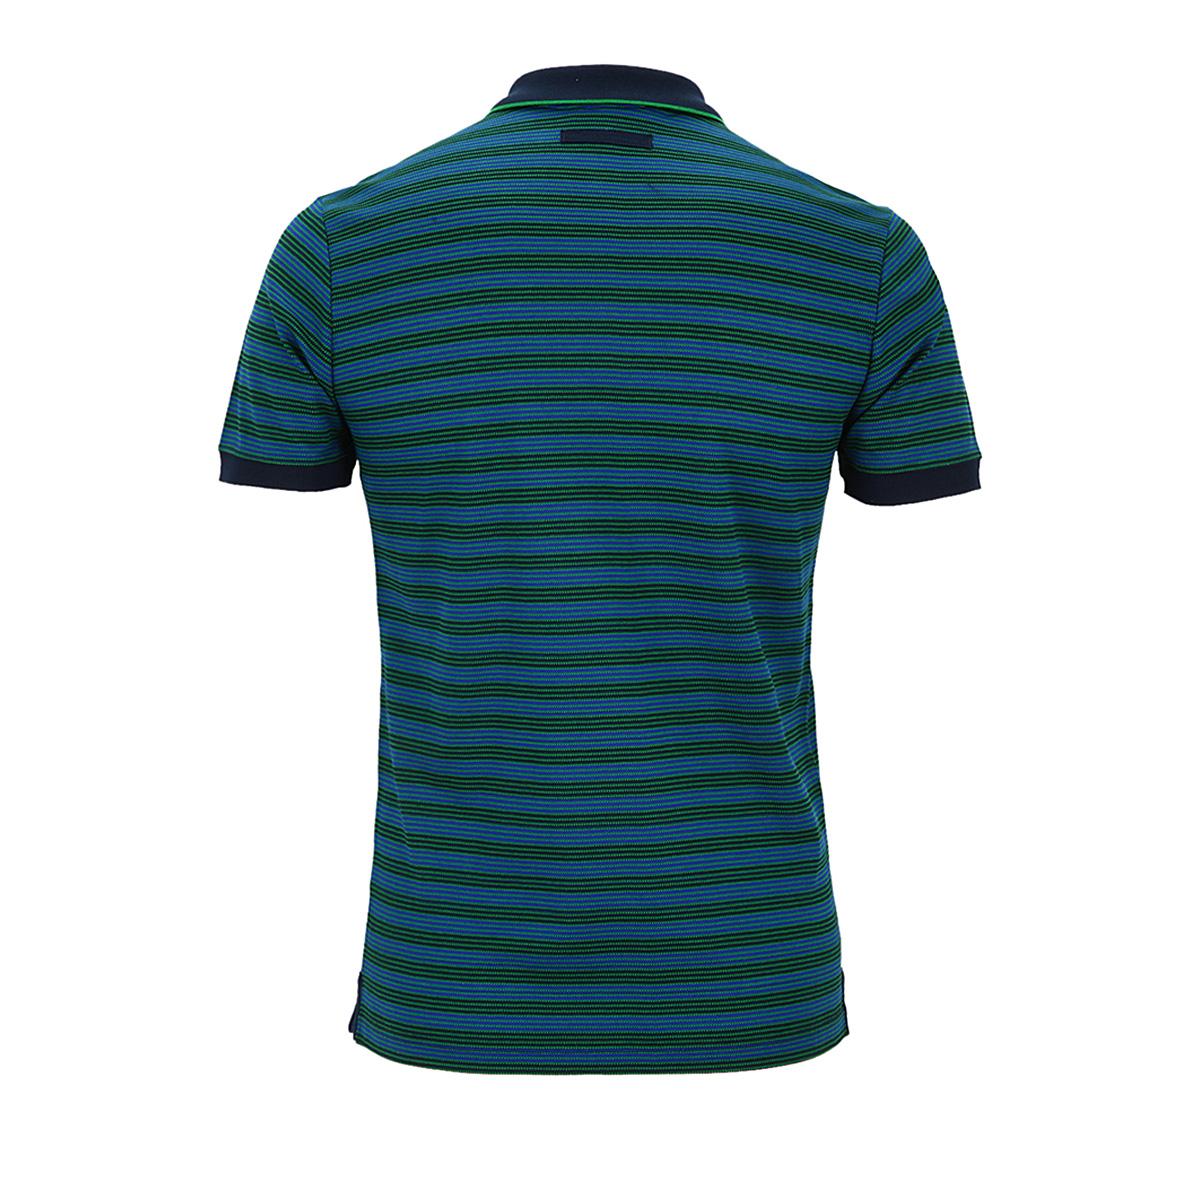 Рубашка поло 20/327/5783 ZEGNA POLO